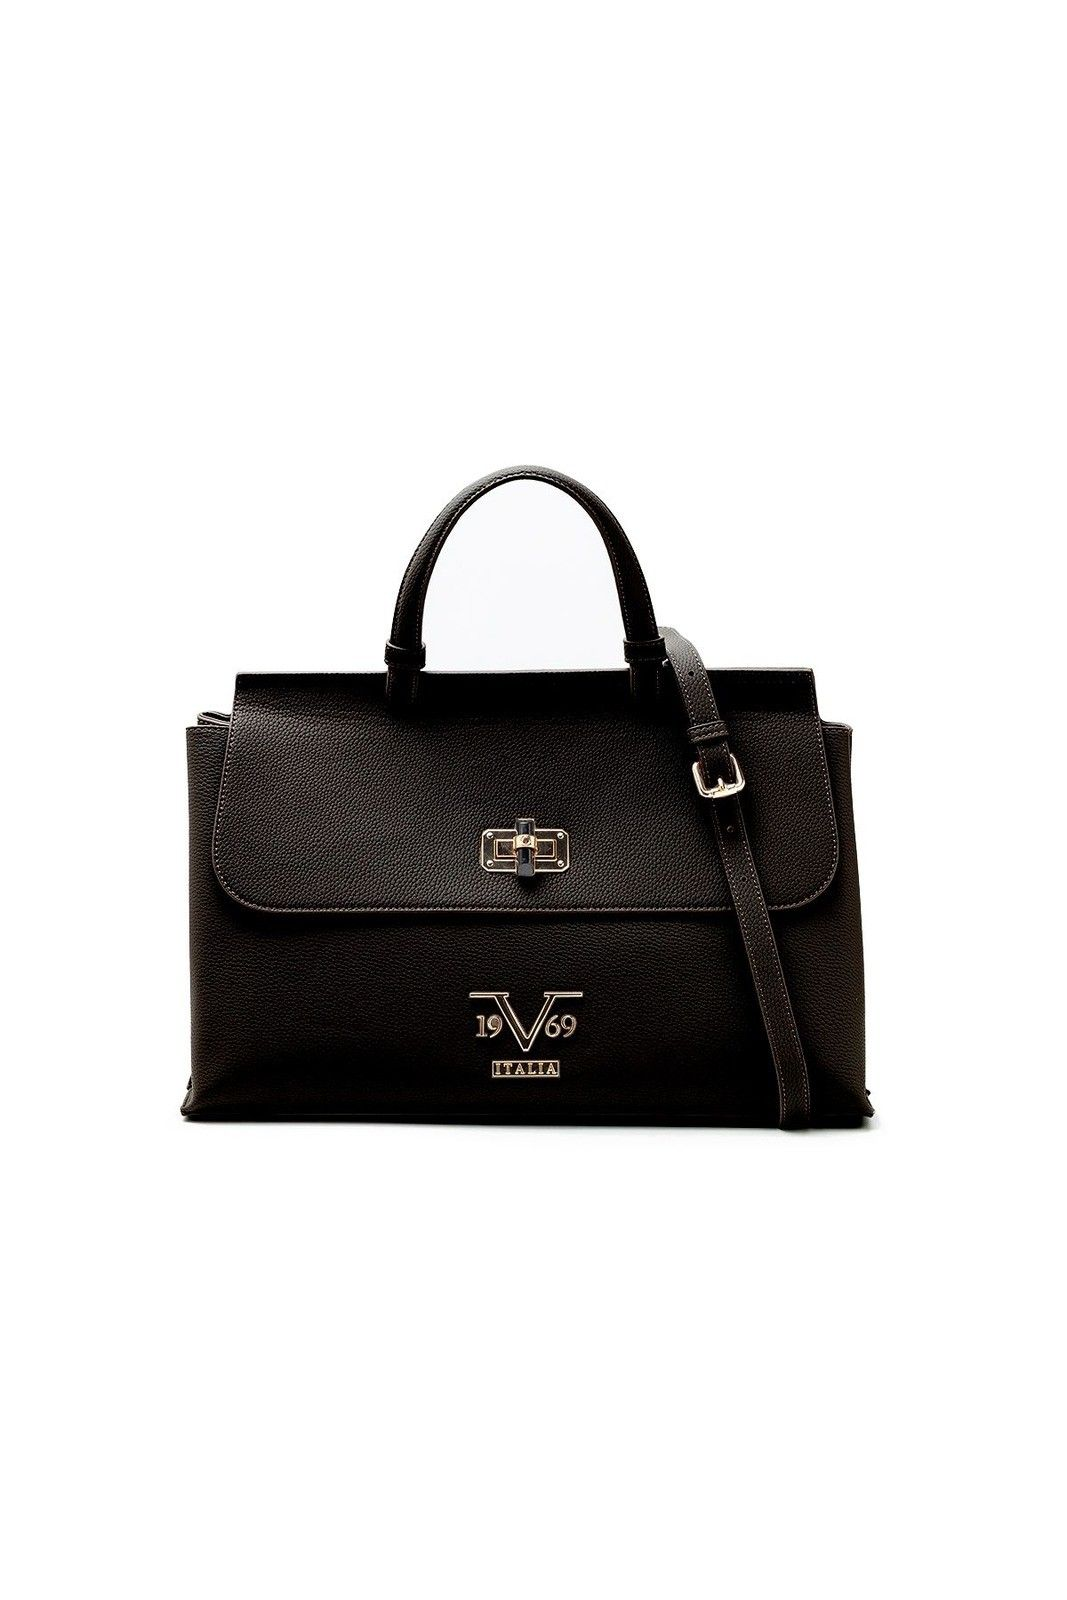 19V69 Italia Women's Bag In Black